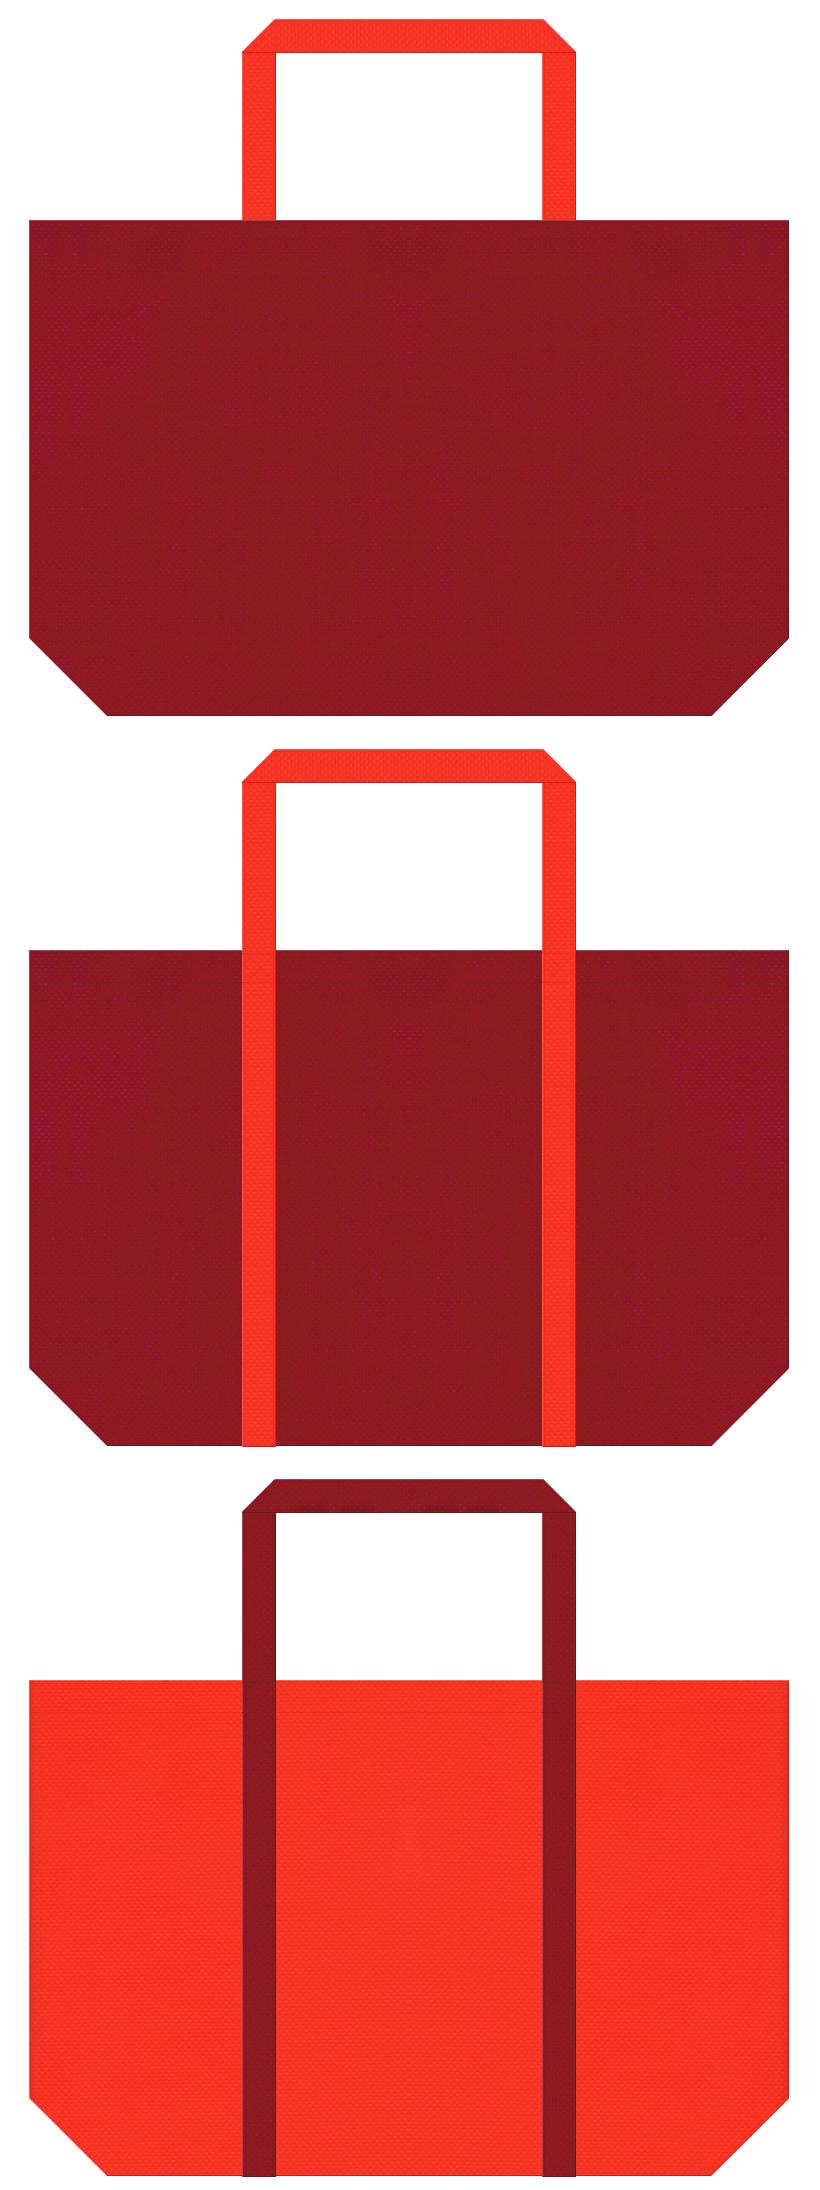 アウトドア・バーベキュー・ランタン・キャンプ用品・スポーツイベント・観光名所・観光旅行のノベルティ・秋・紅葉・オータムセールのショッピングバッグにお奨め:エンジ色とオレンジ色の不織布ショッピングバッグのデザイン